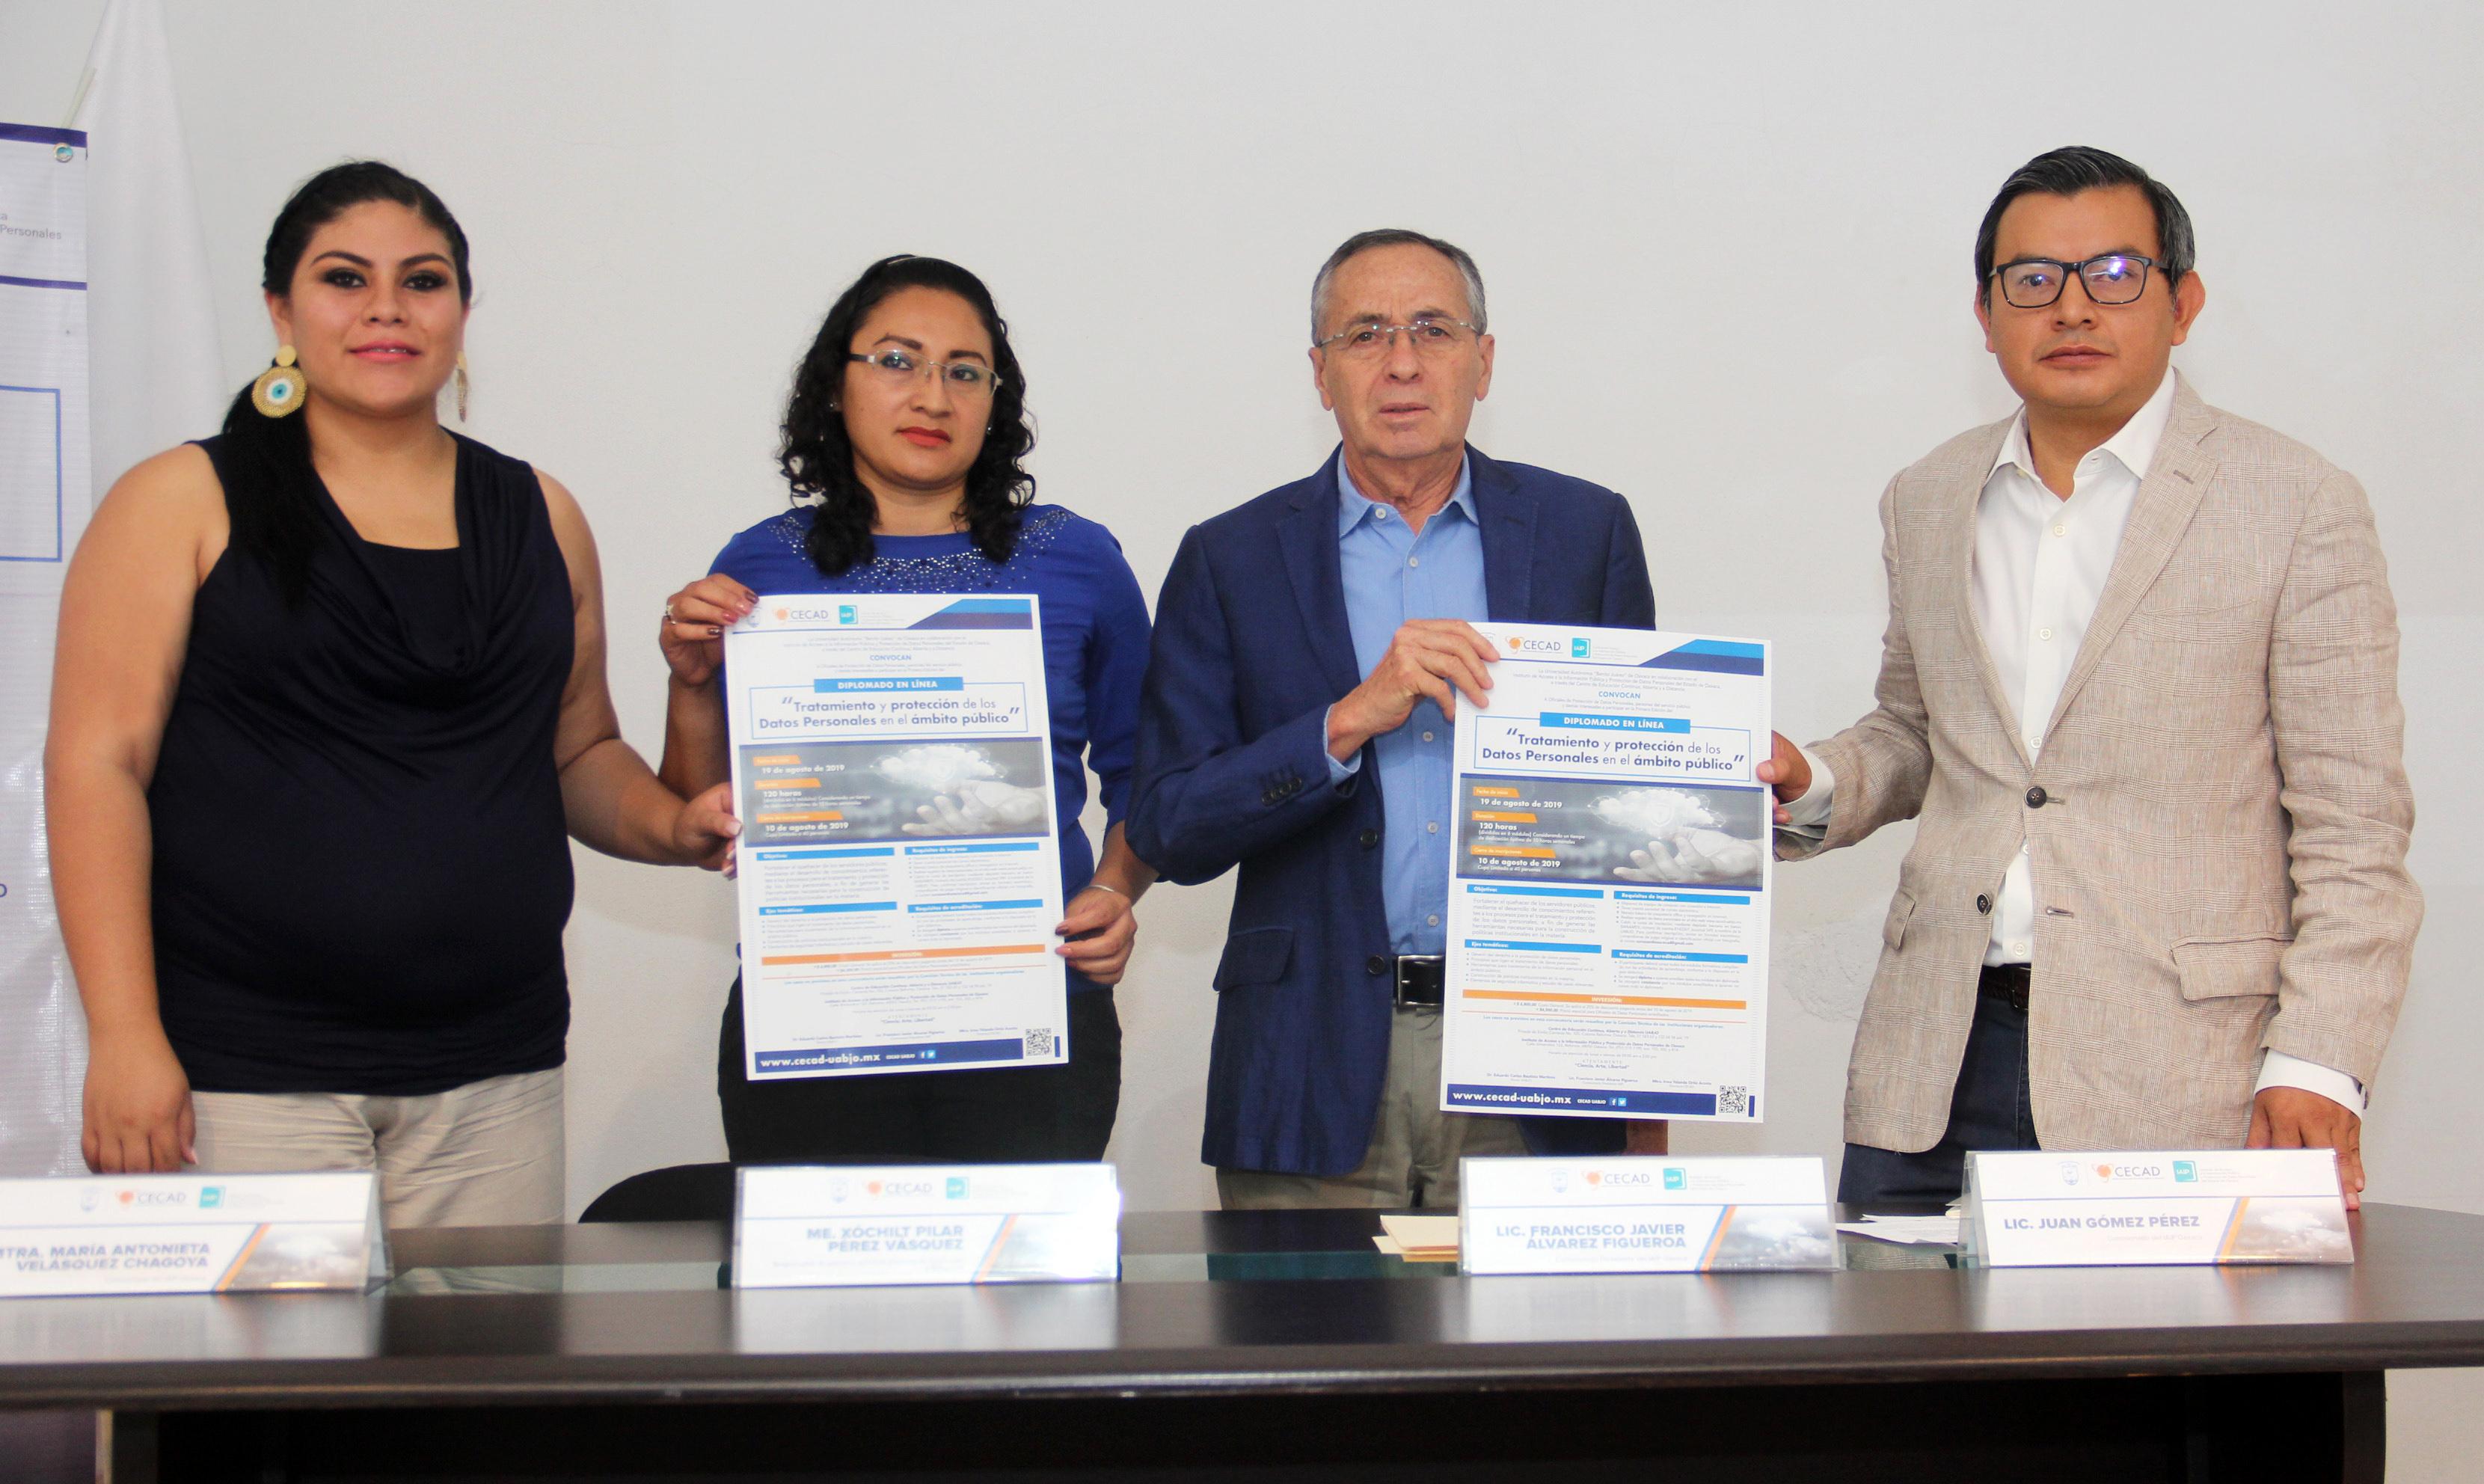 PRESENTA IAIPO y CECAD DIPLOMADO EN MATERIA DE PROTECCIÓN DE DATOS PERSONALES